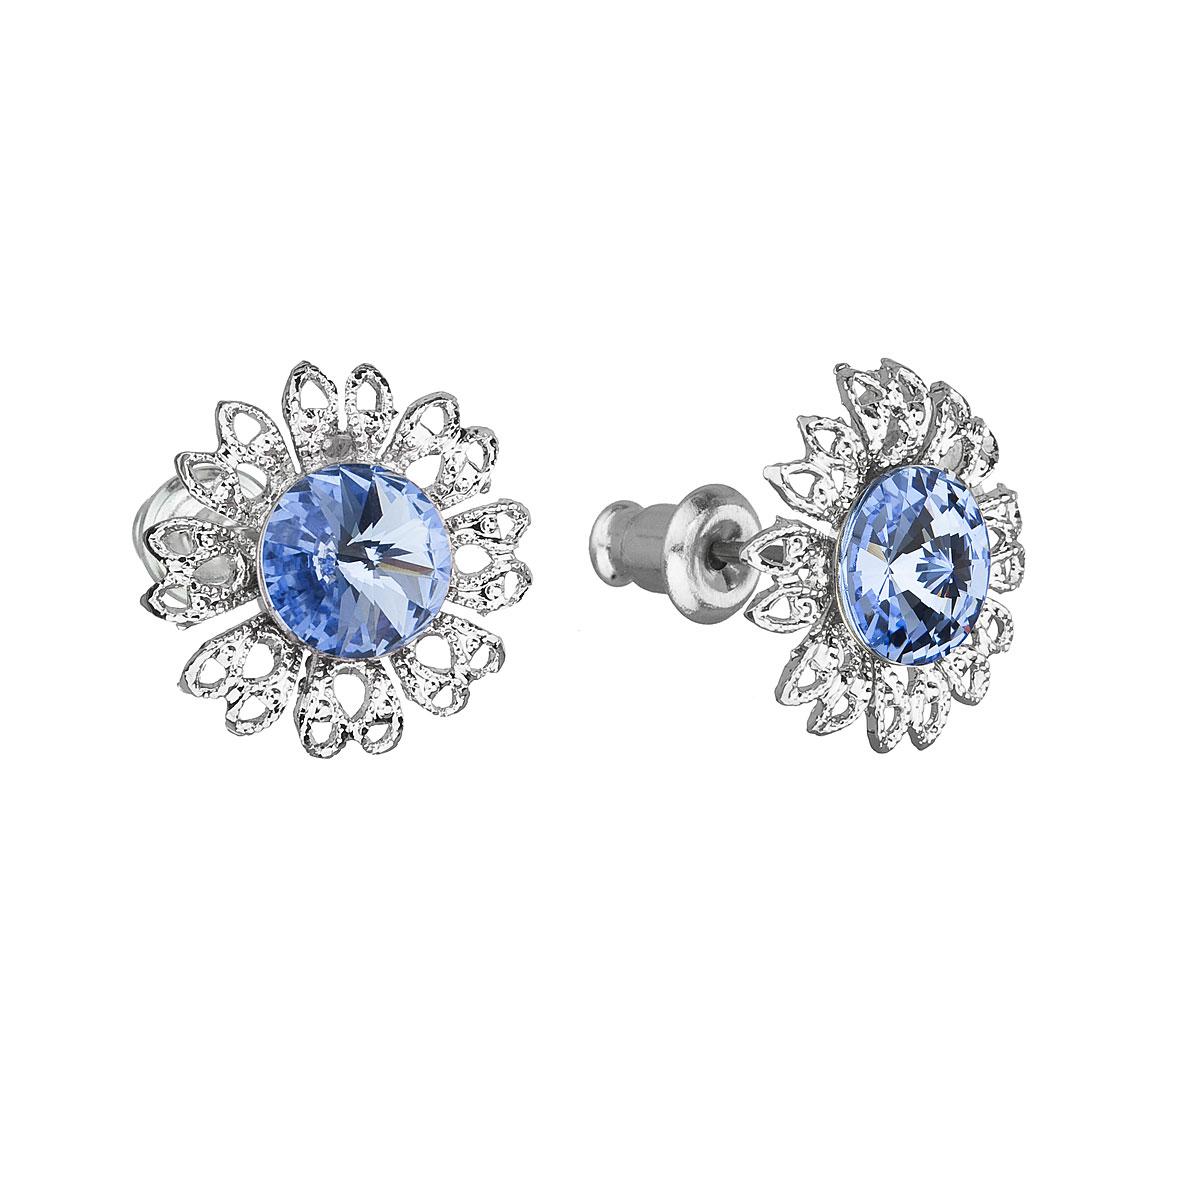 Náušnice bižutéria so Swarovski krištáľmi modrý kvietok 51042.3 light sapphire